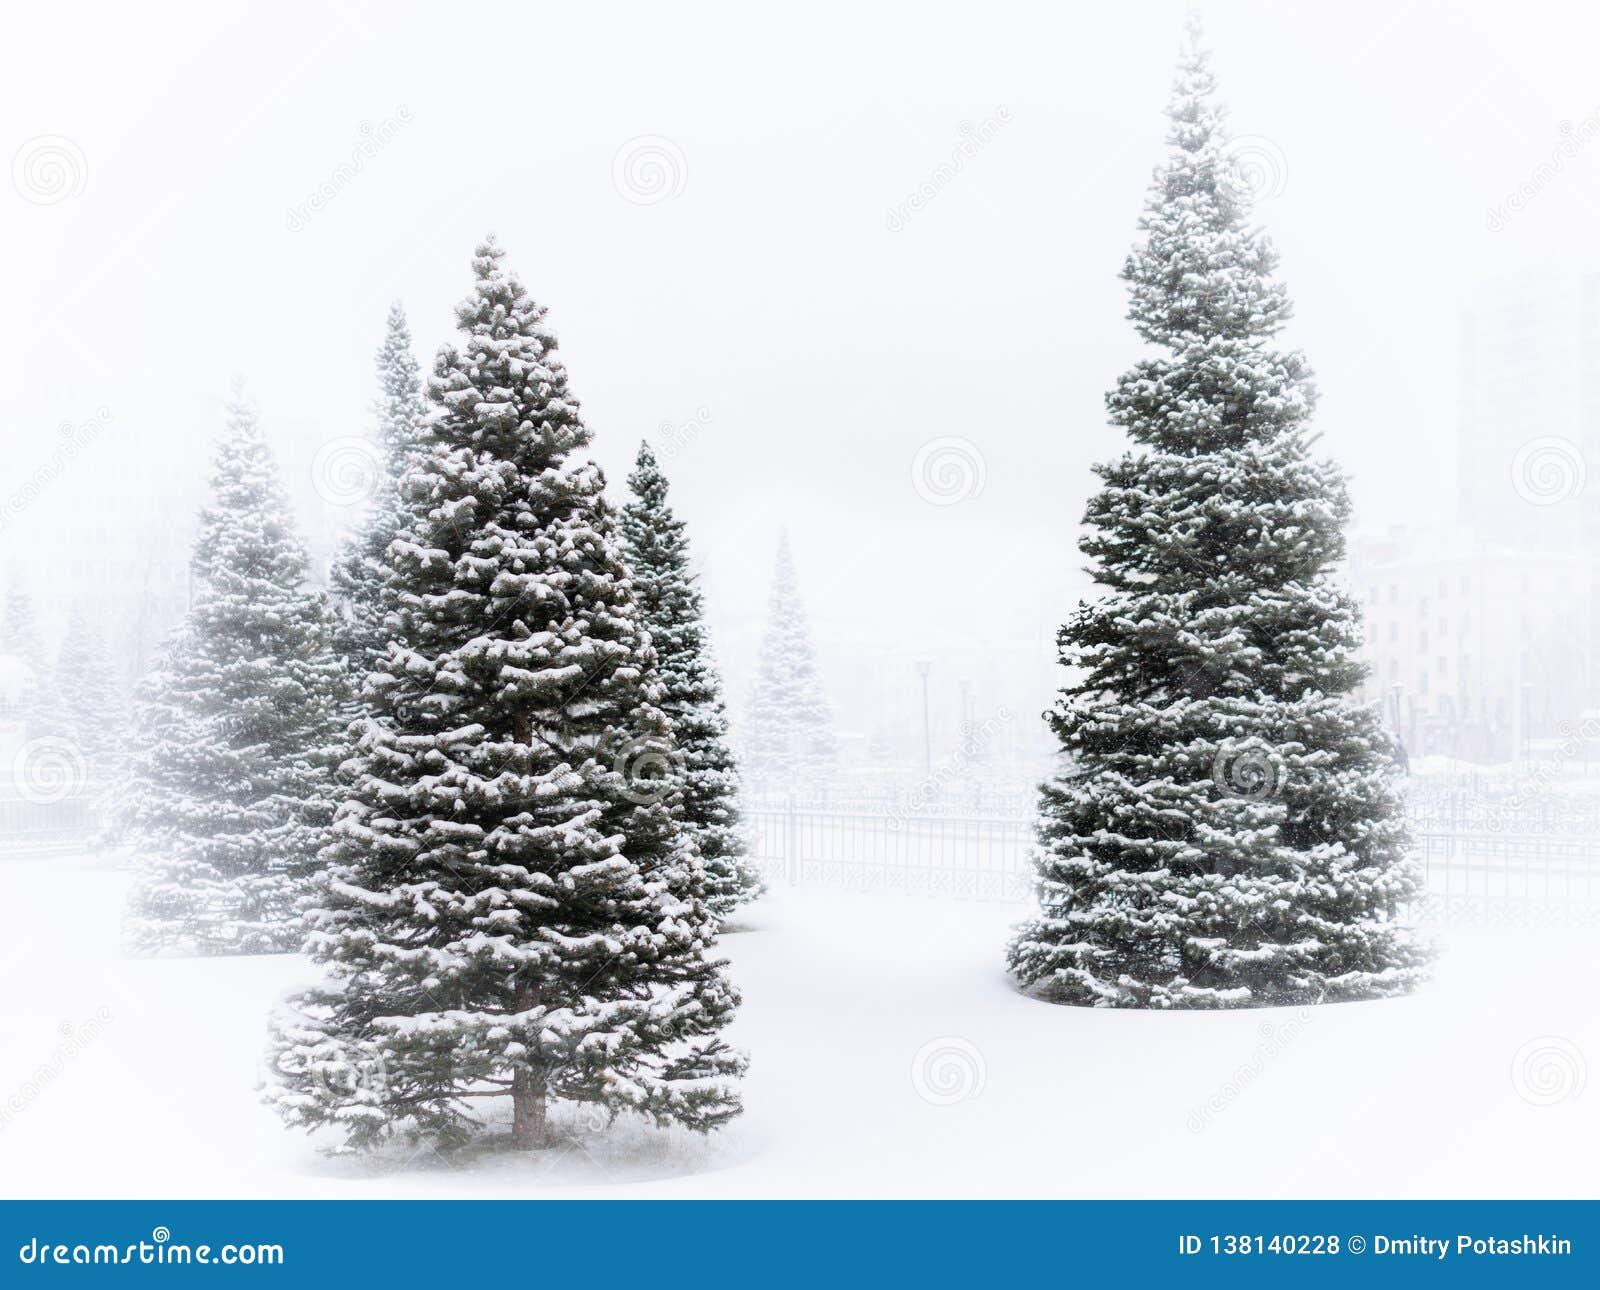 Las piceas verdes jovenes en el parque del invierno se cubren con nieve blanca fresca durante las nevadas